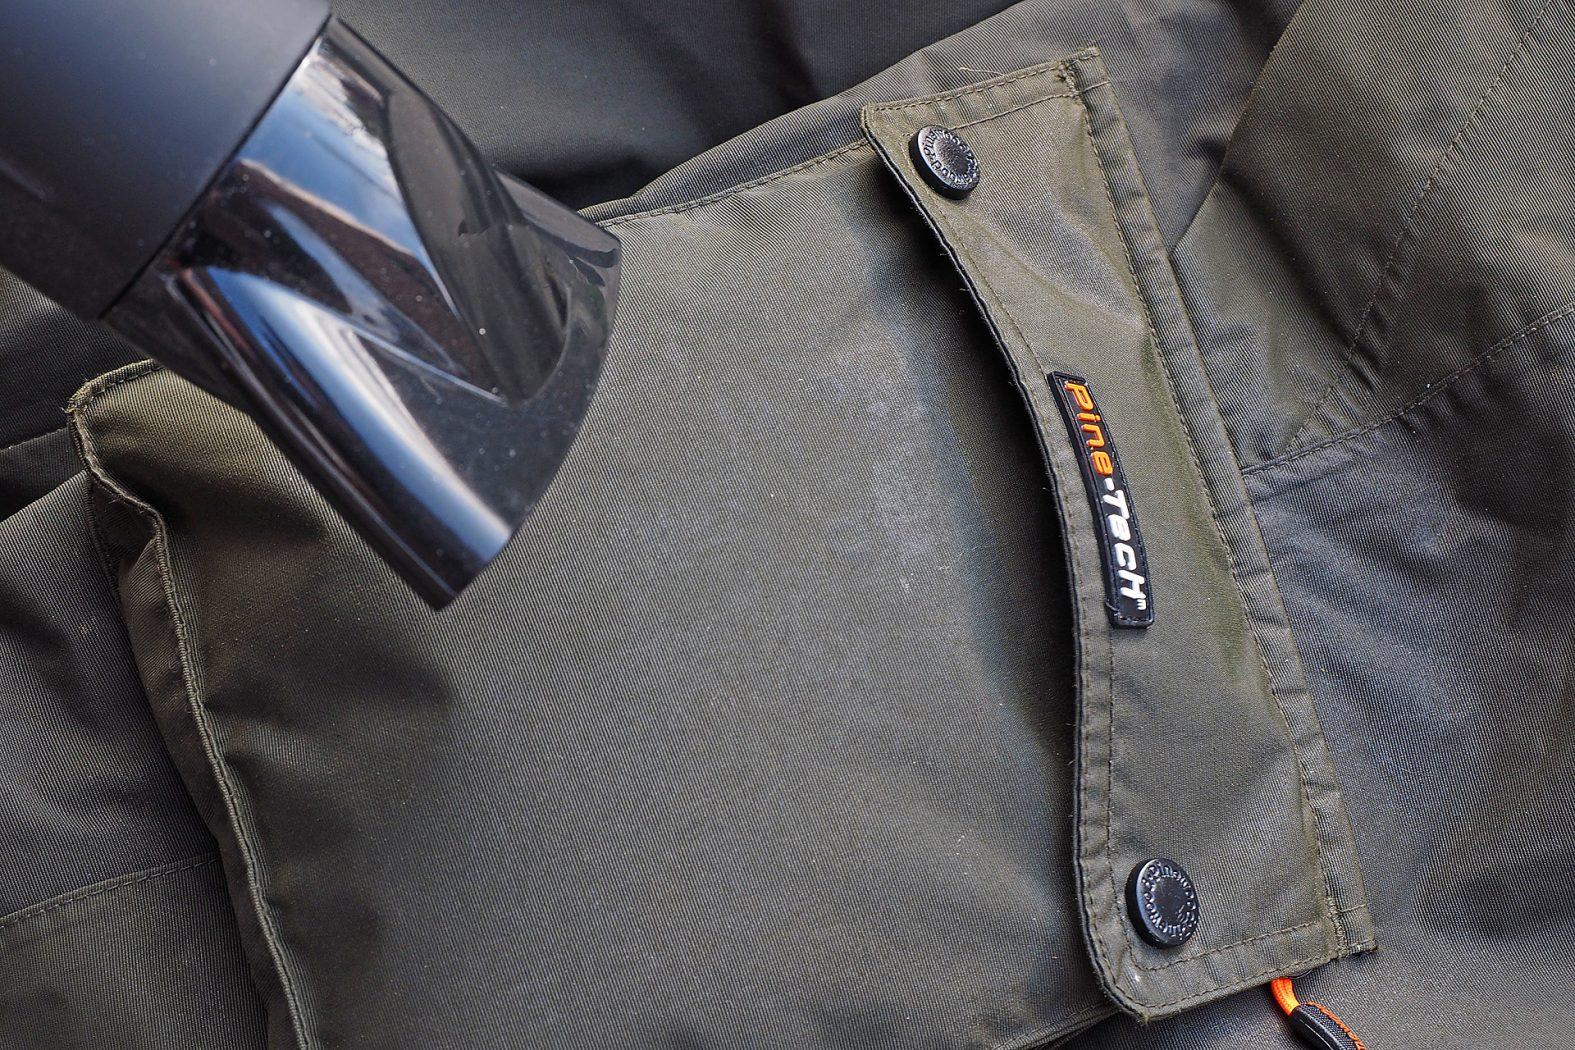 outdoor kleidung waschen das musst du wissen dr catch besser angeln. Black Bedroom Furniture Sets. Home Design Ideas